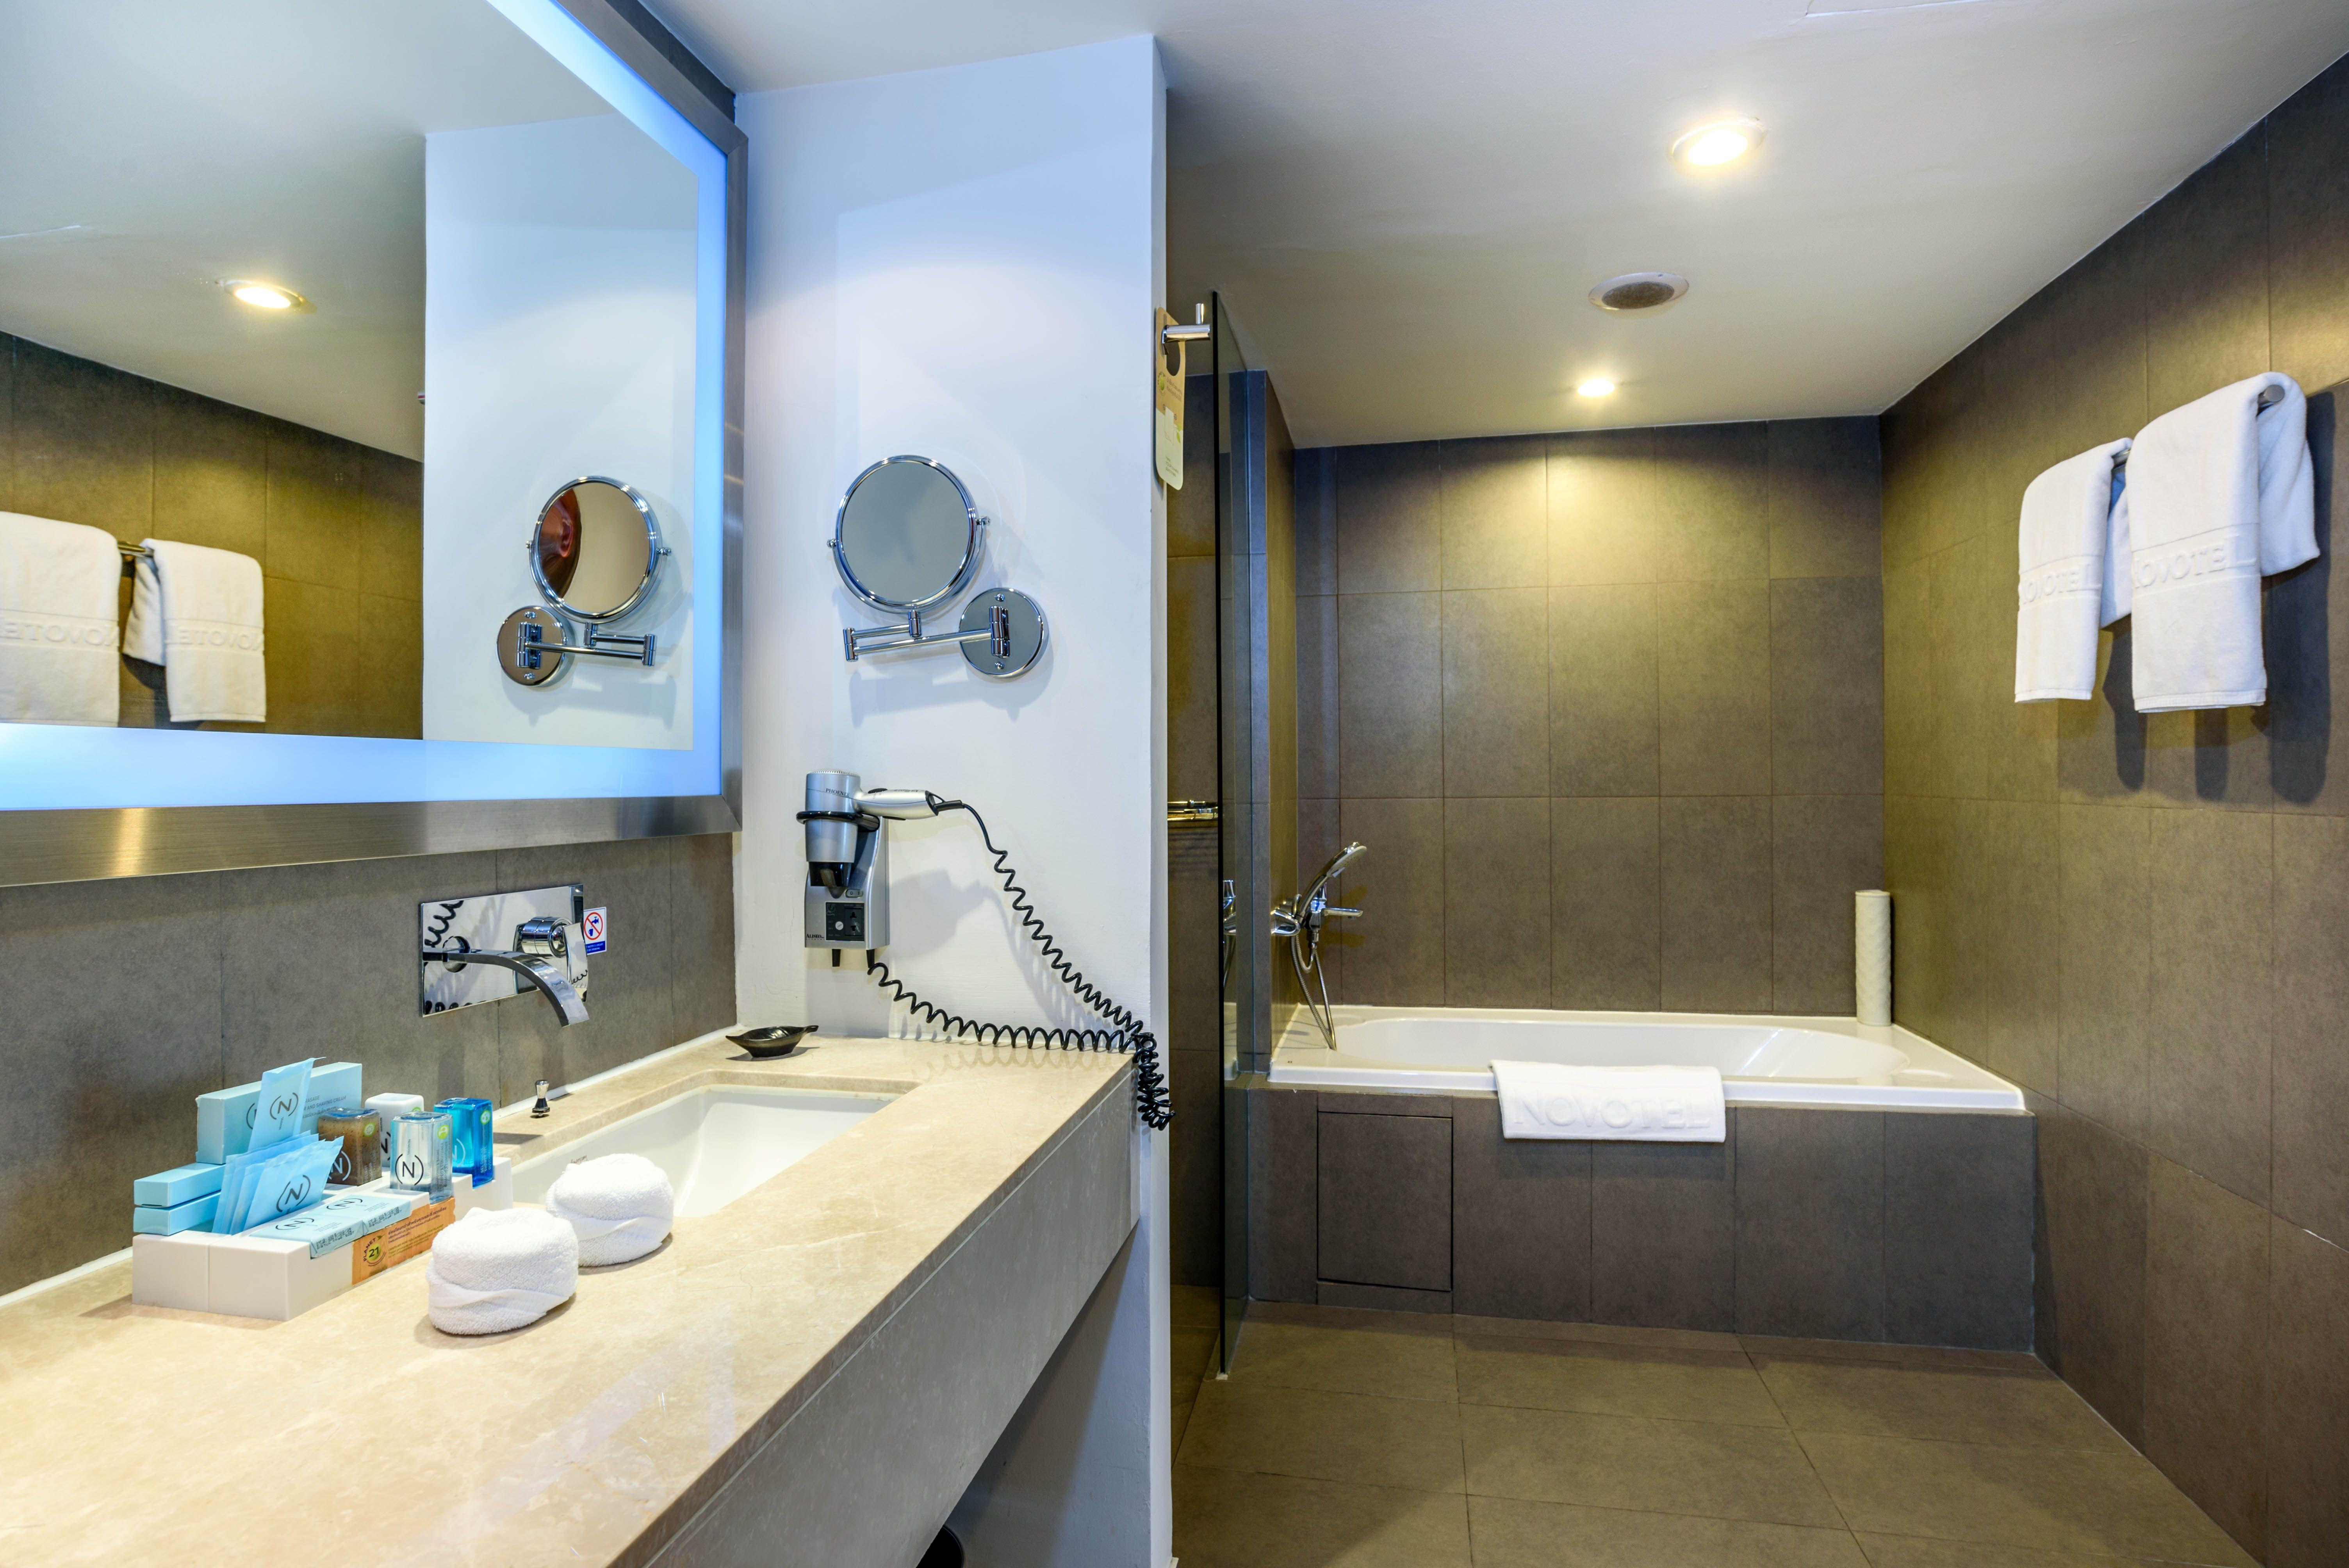 2 Bedroom Suites In Bangkok - BEDROOM DESIGN